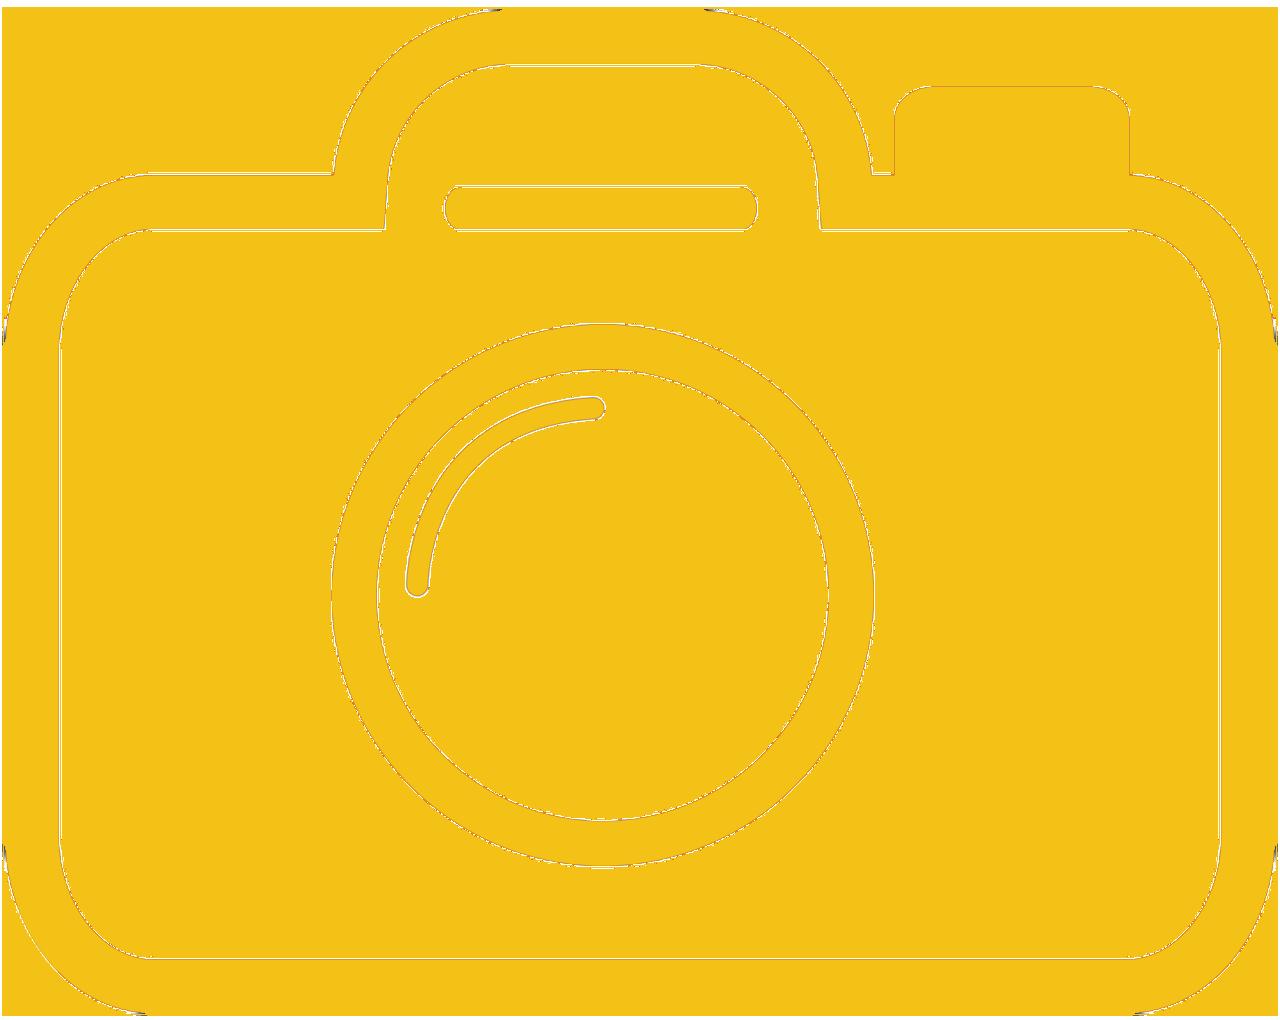 Filming Camera Clipart Transparent